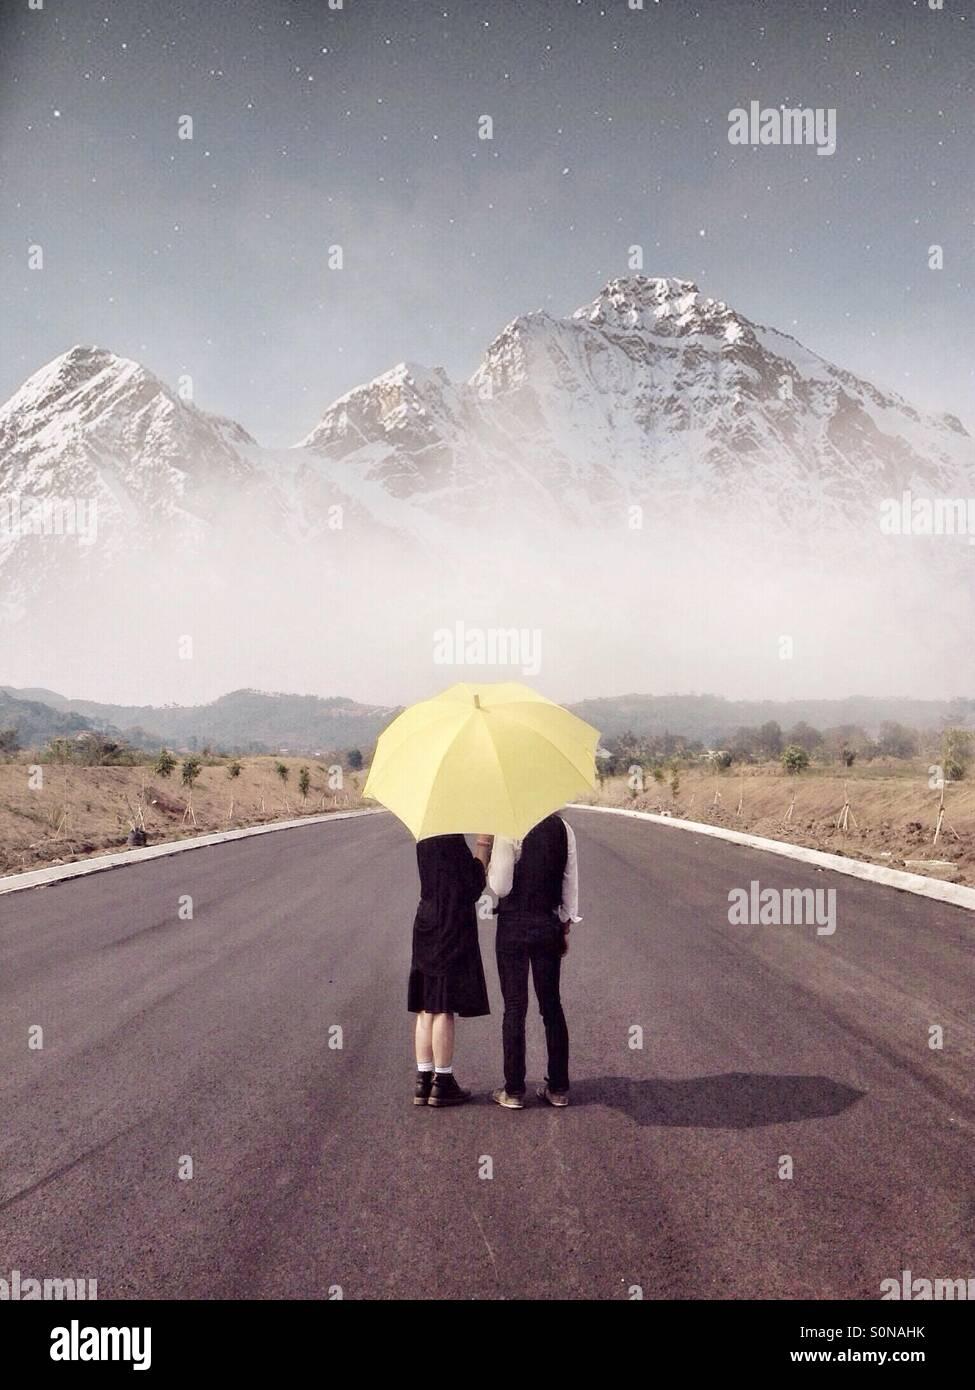 Bajo el paraguas. Imagen De Stock